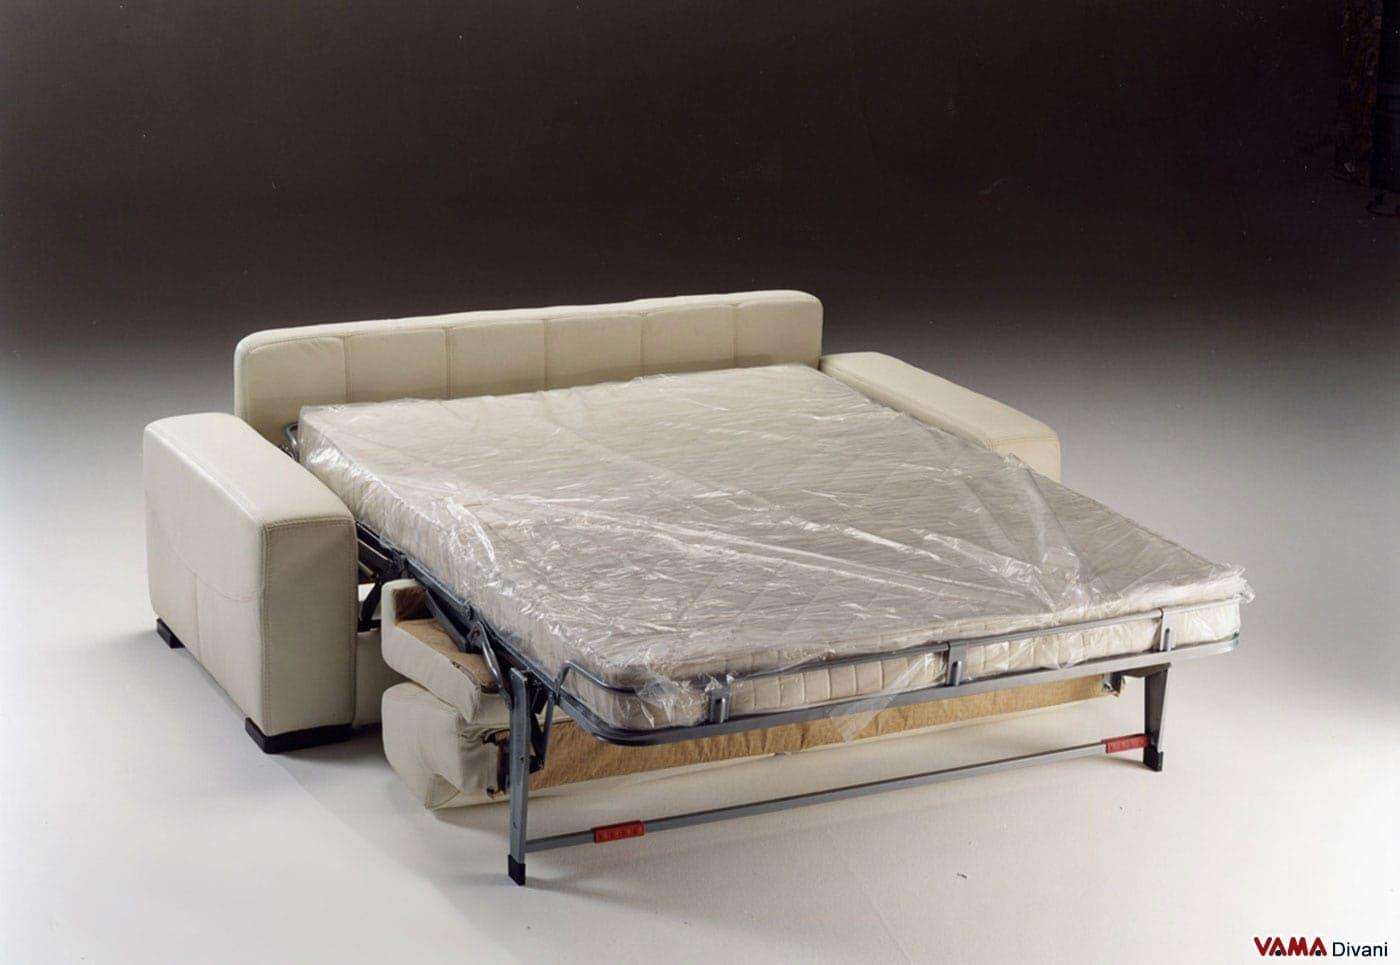 Divano letto in pelle lido a vama divani for Divano letto in pelle prezzi